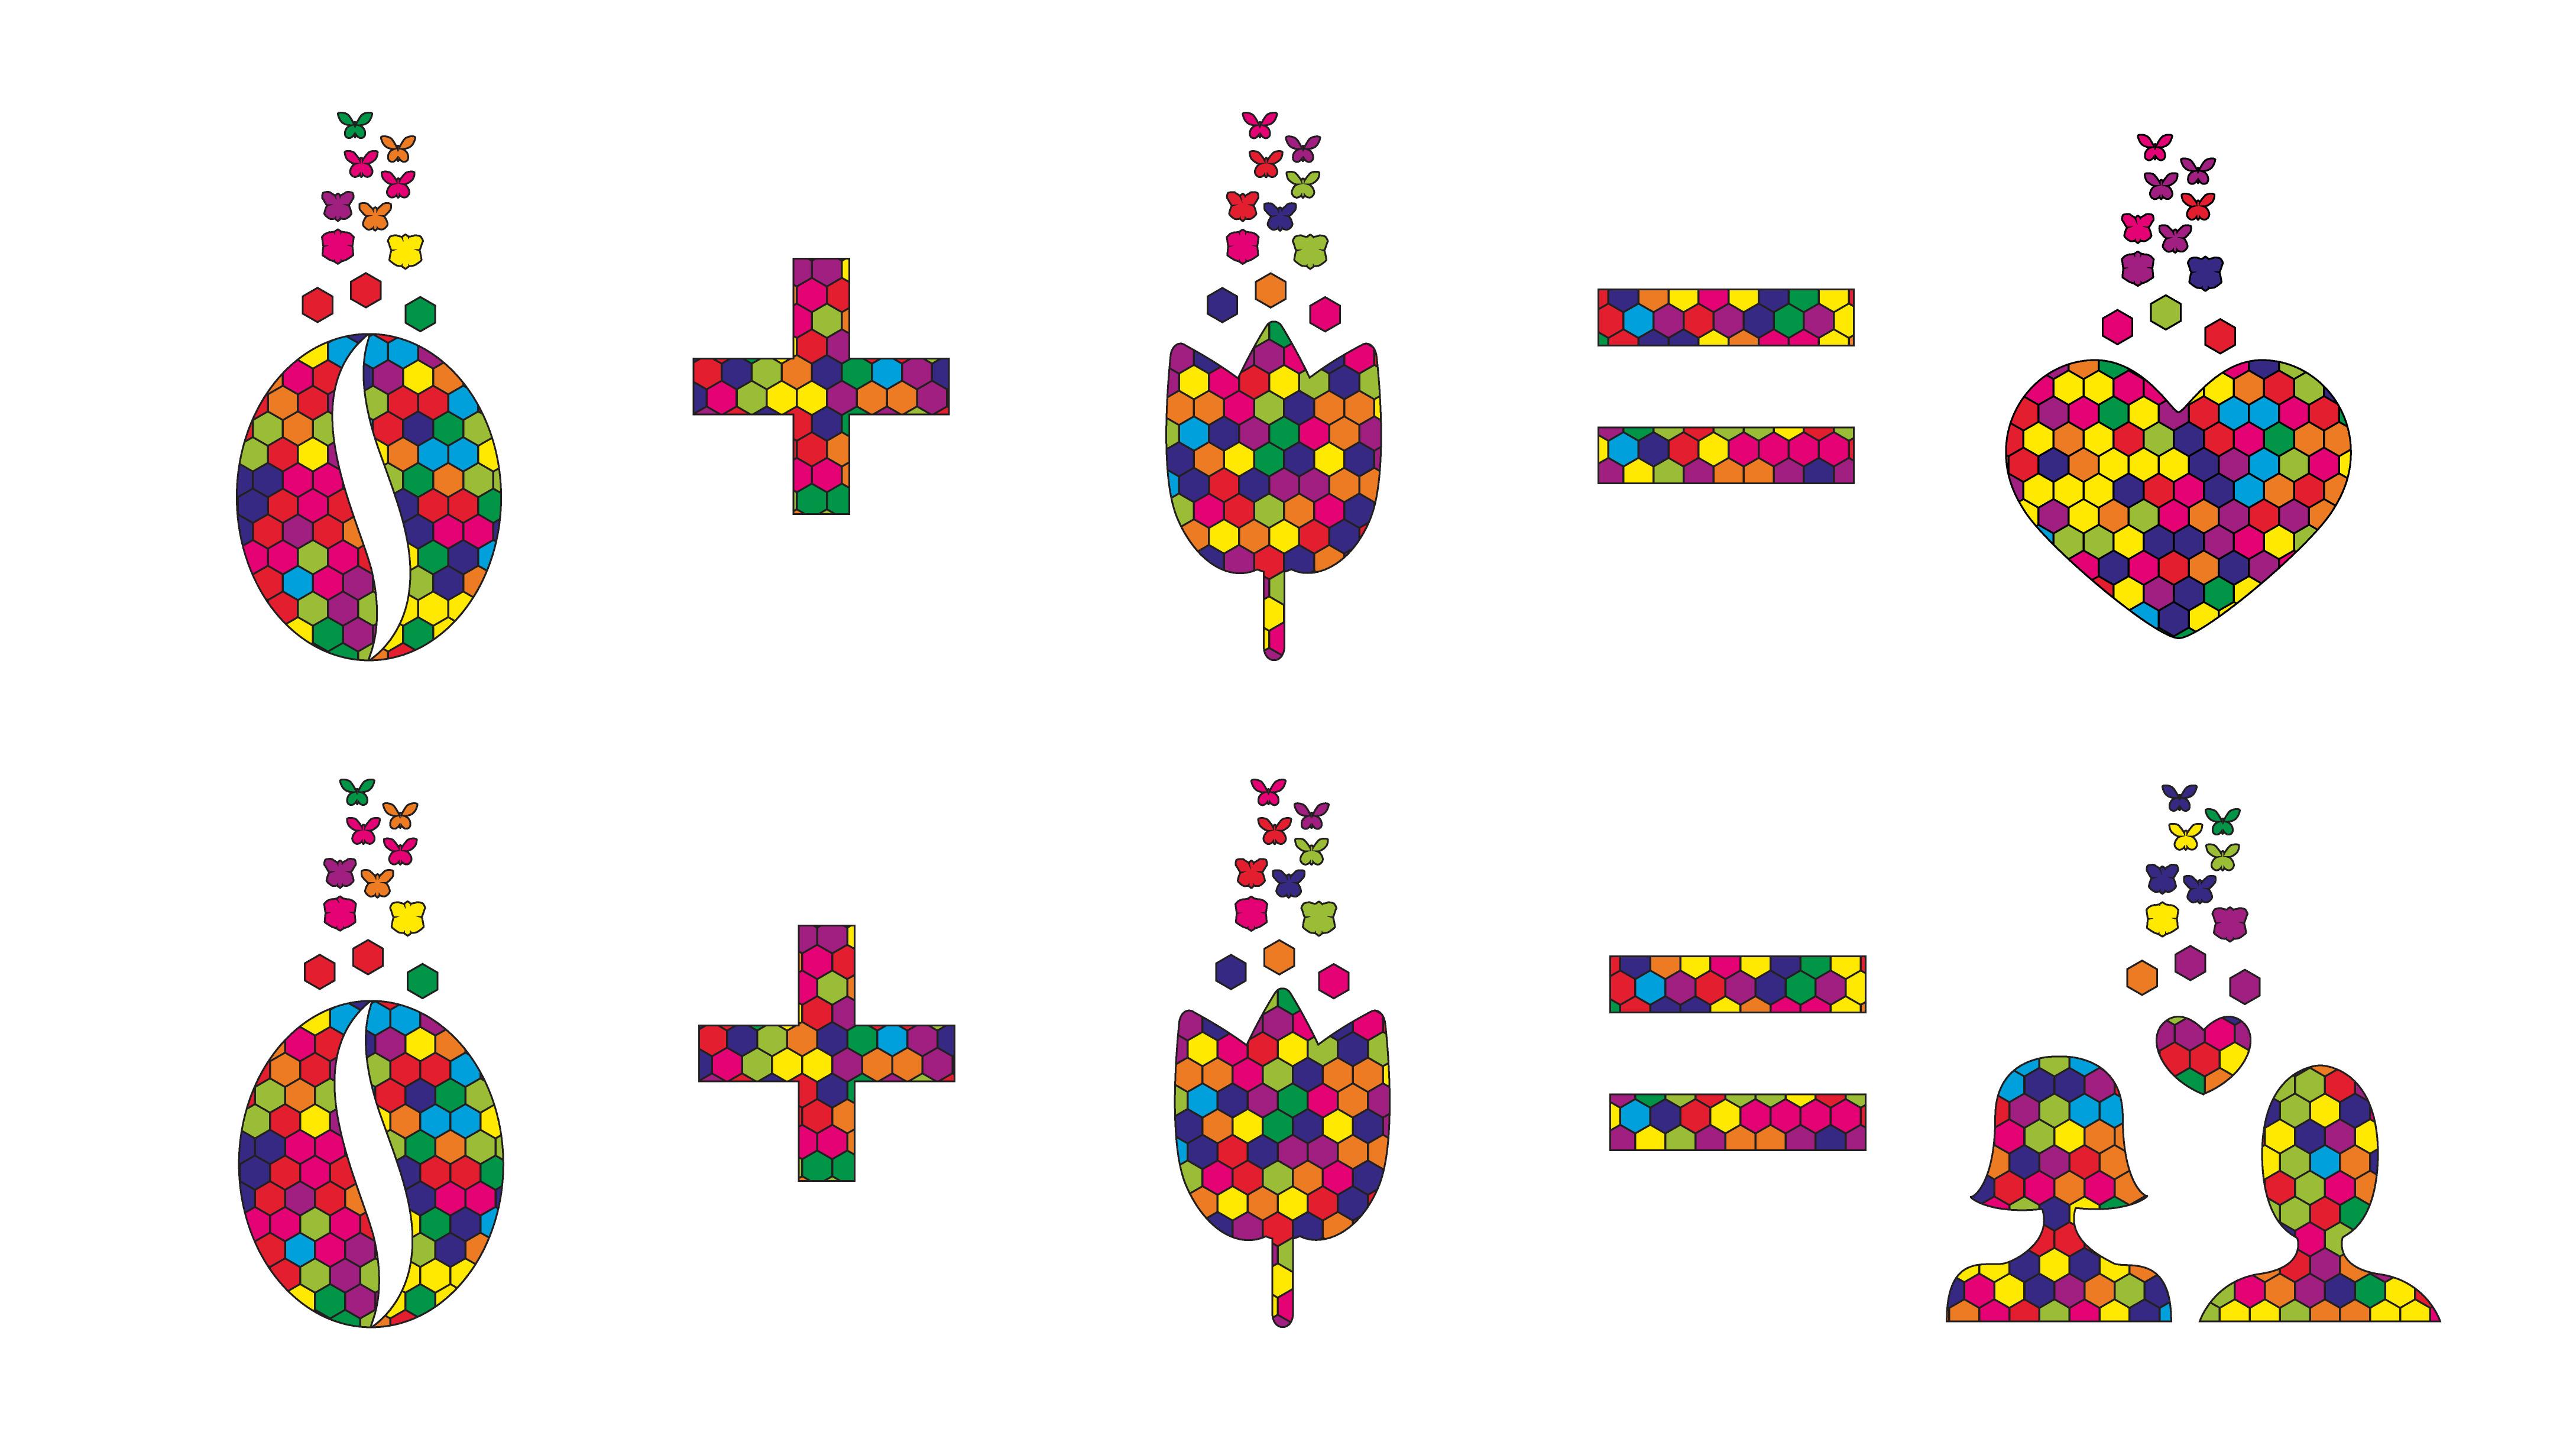 Логотип для ЦВЕТОКОД  фото f_1765d03c7748c15f.jpg